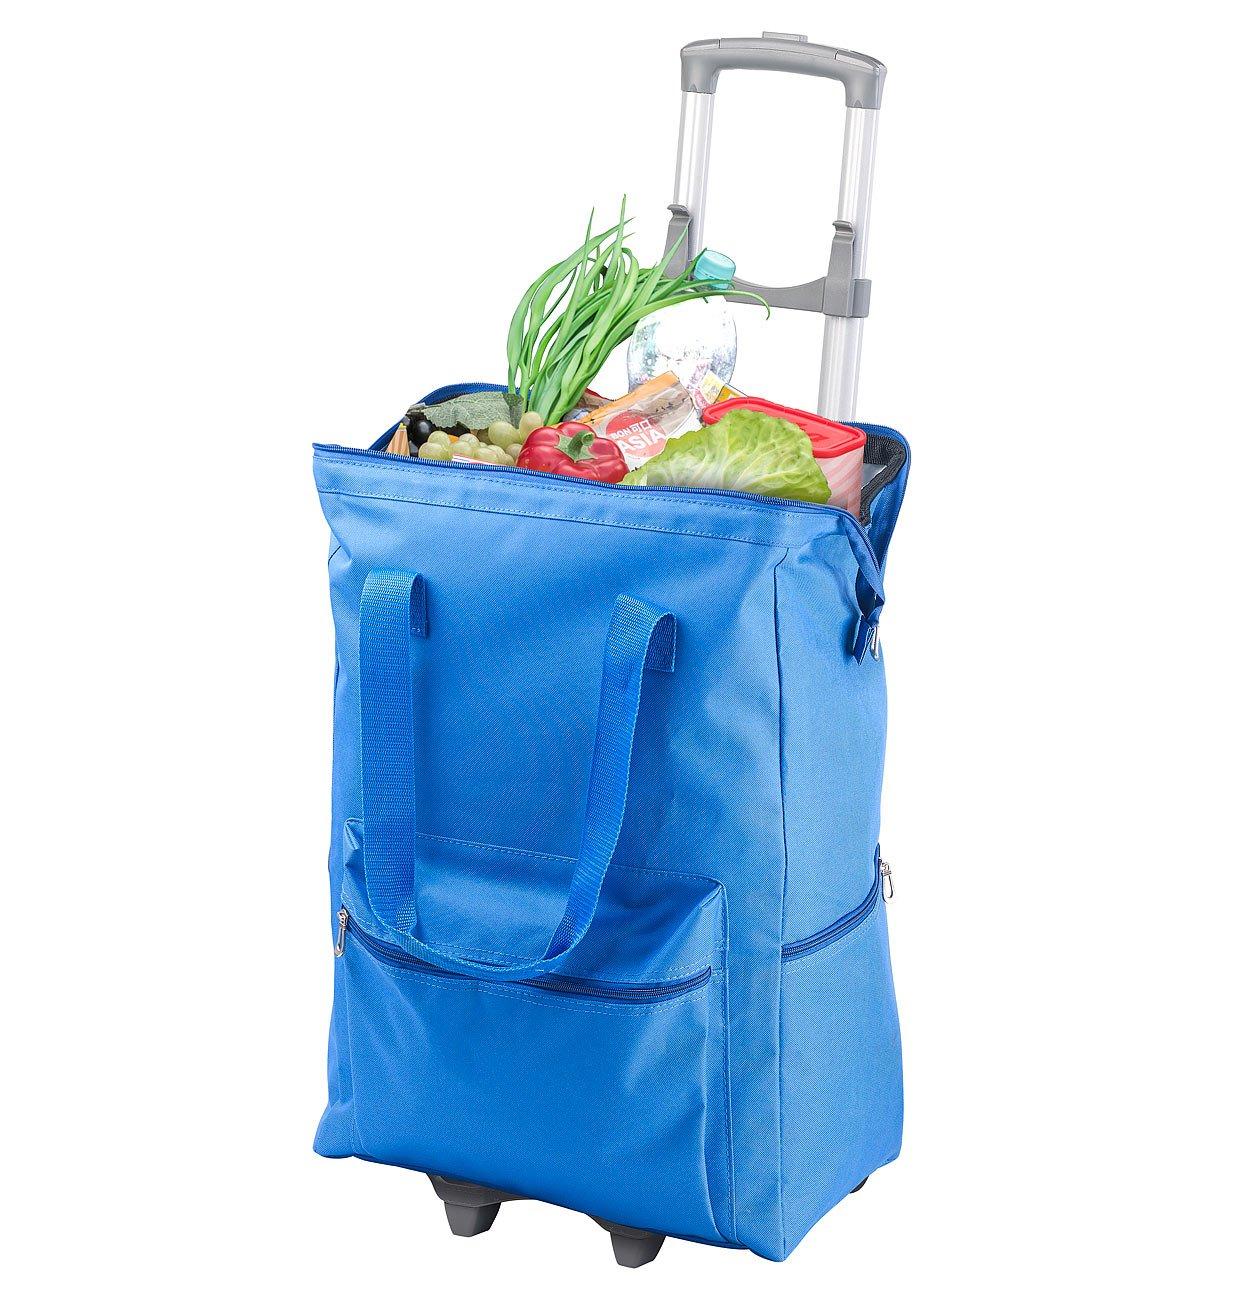 PEARL Einkaufstrolley: 2in1-XXL-Einkaufs-Kü hltasche mit abnehmbarem Trolley, 55 Liter (Einkaufstrolleys)